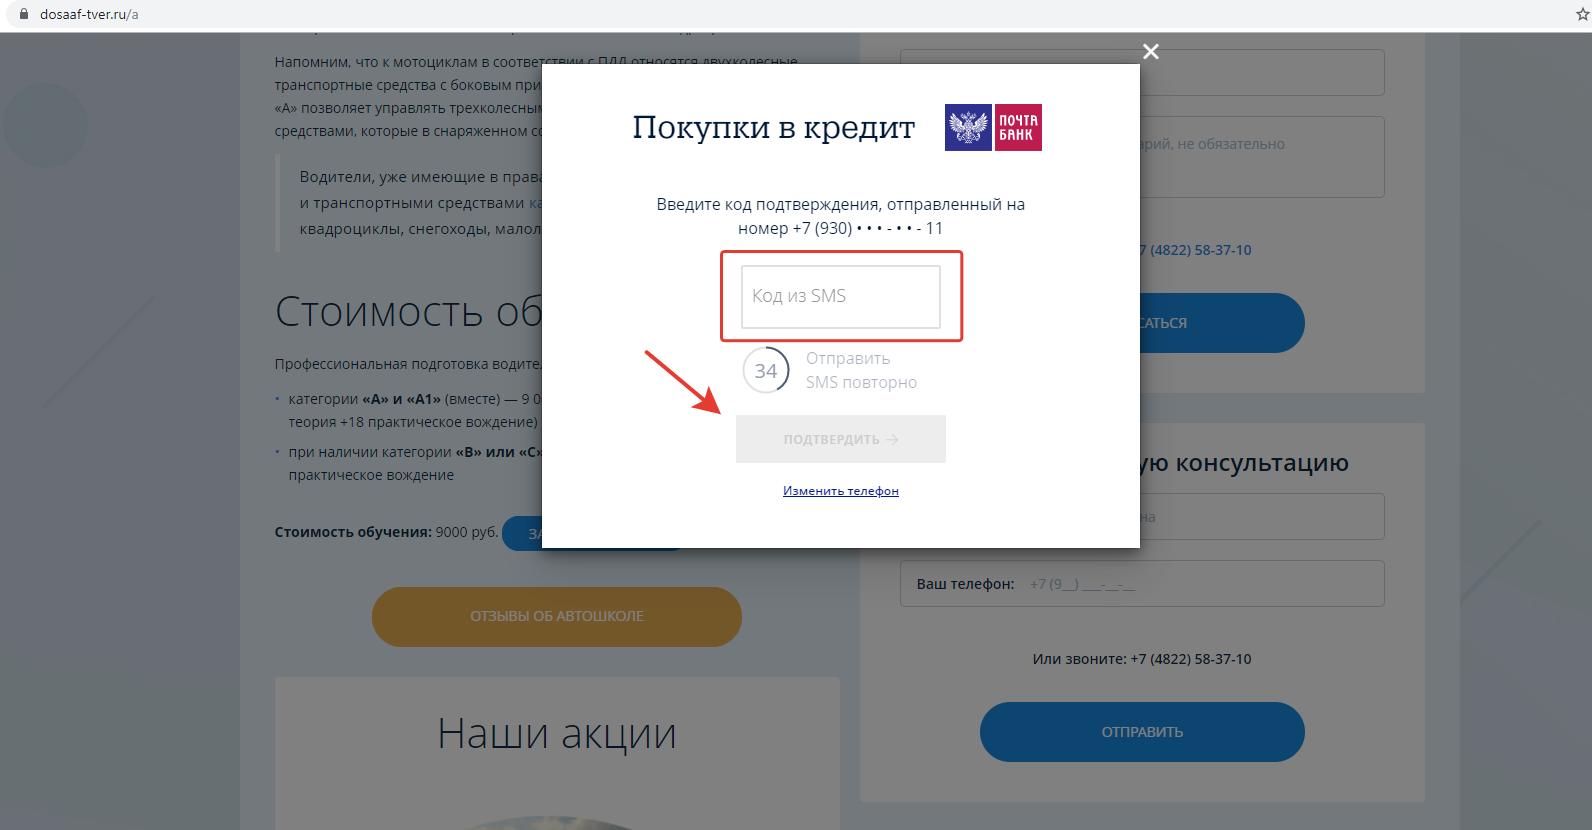 альфа банк кредит карта оформить онлайн